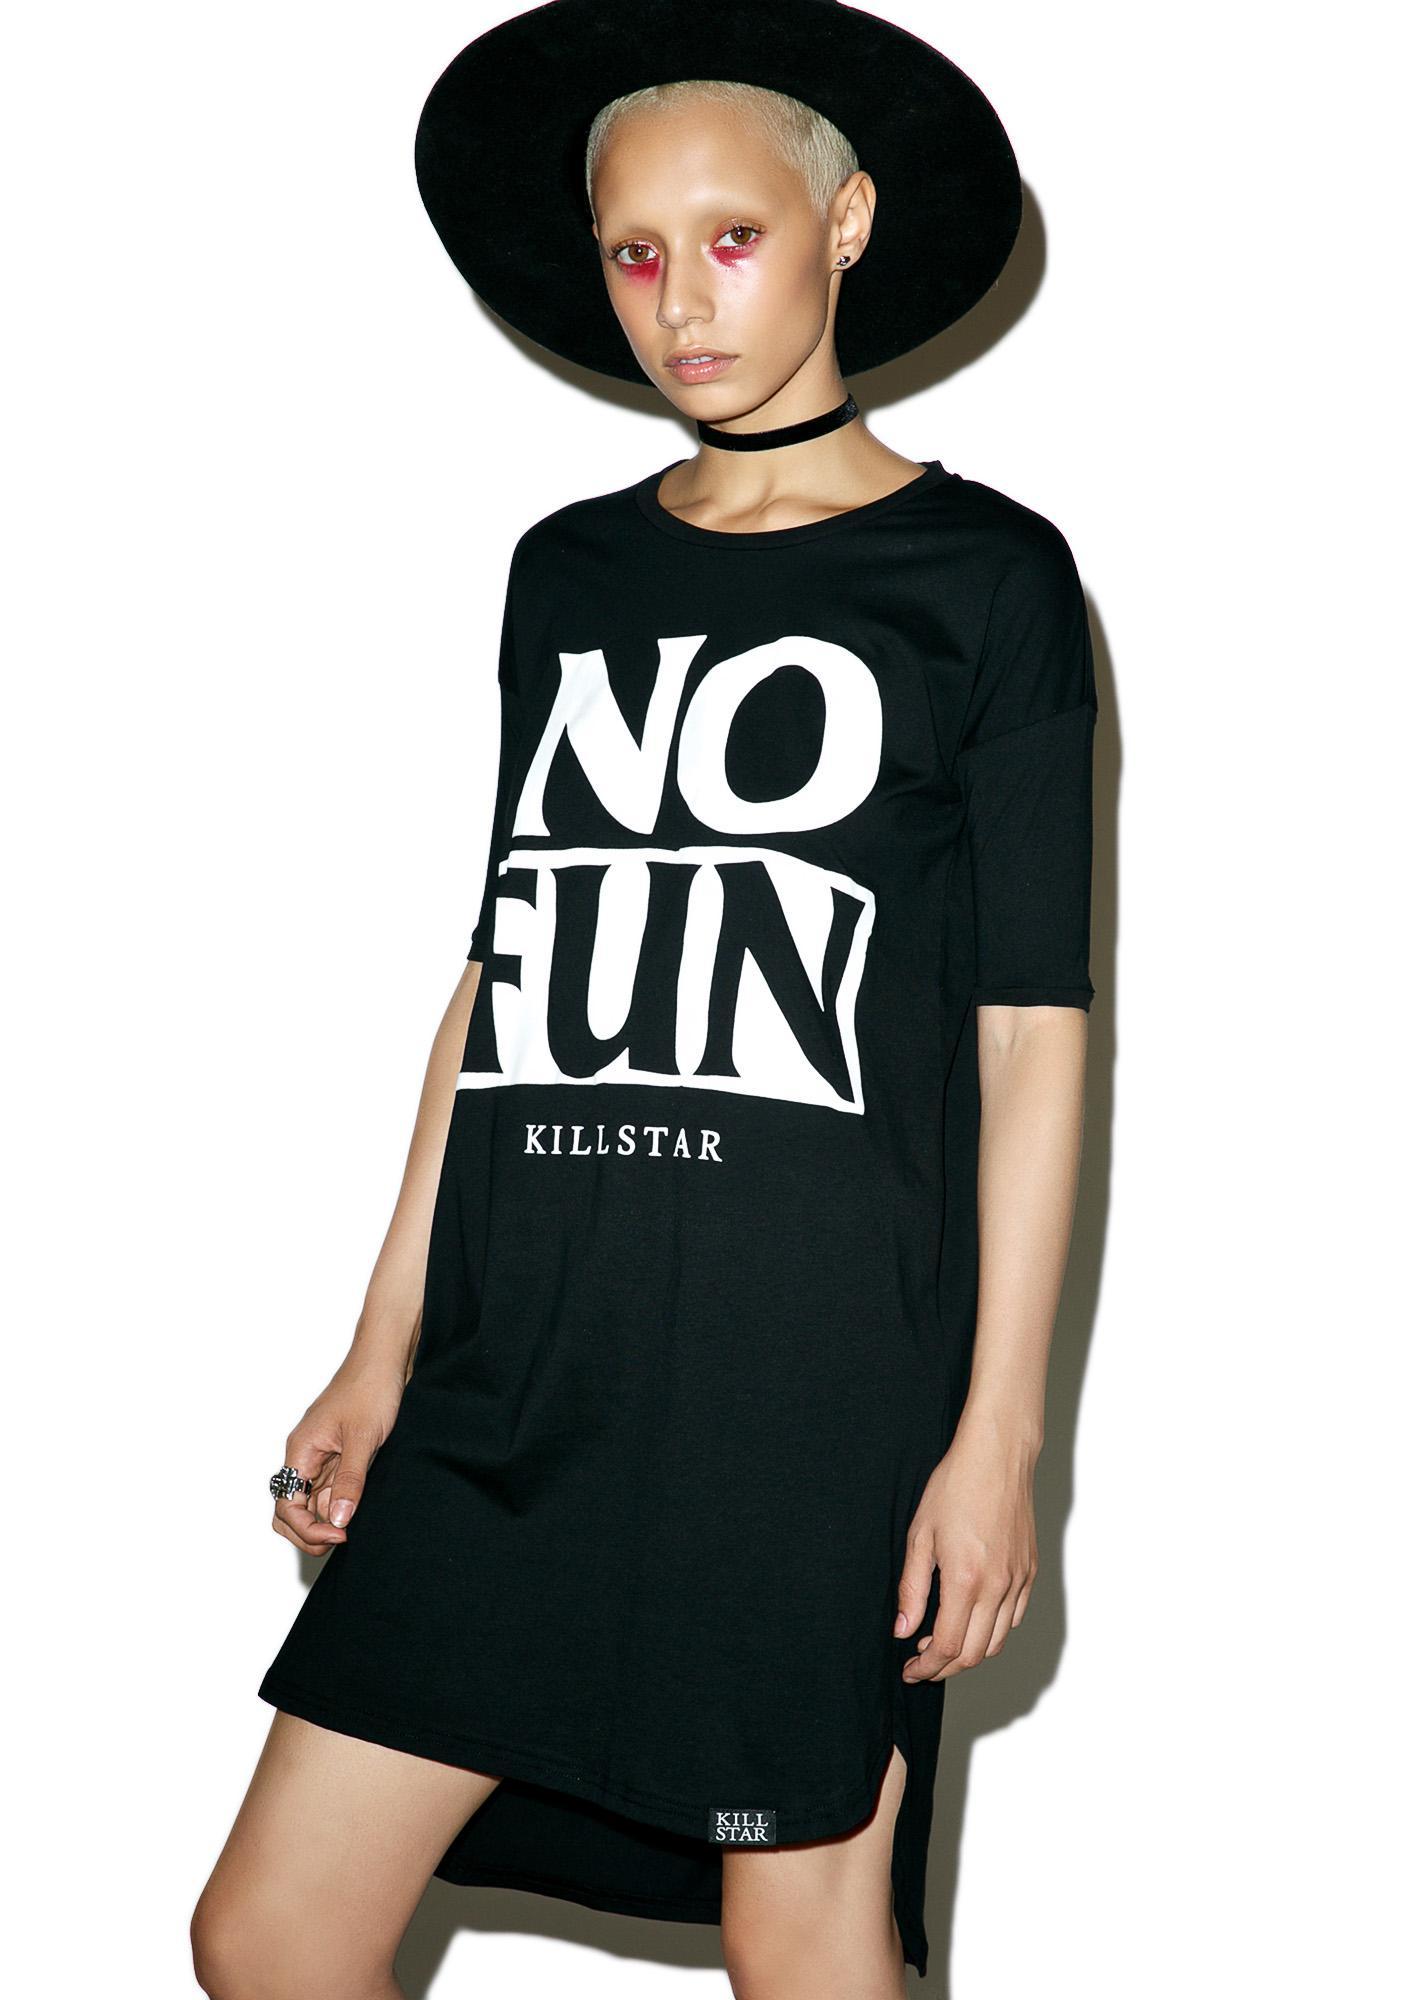 Killstar No Fun T-Shirt Dress